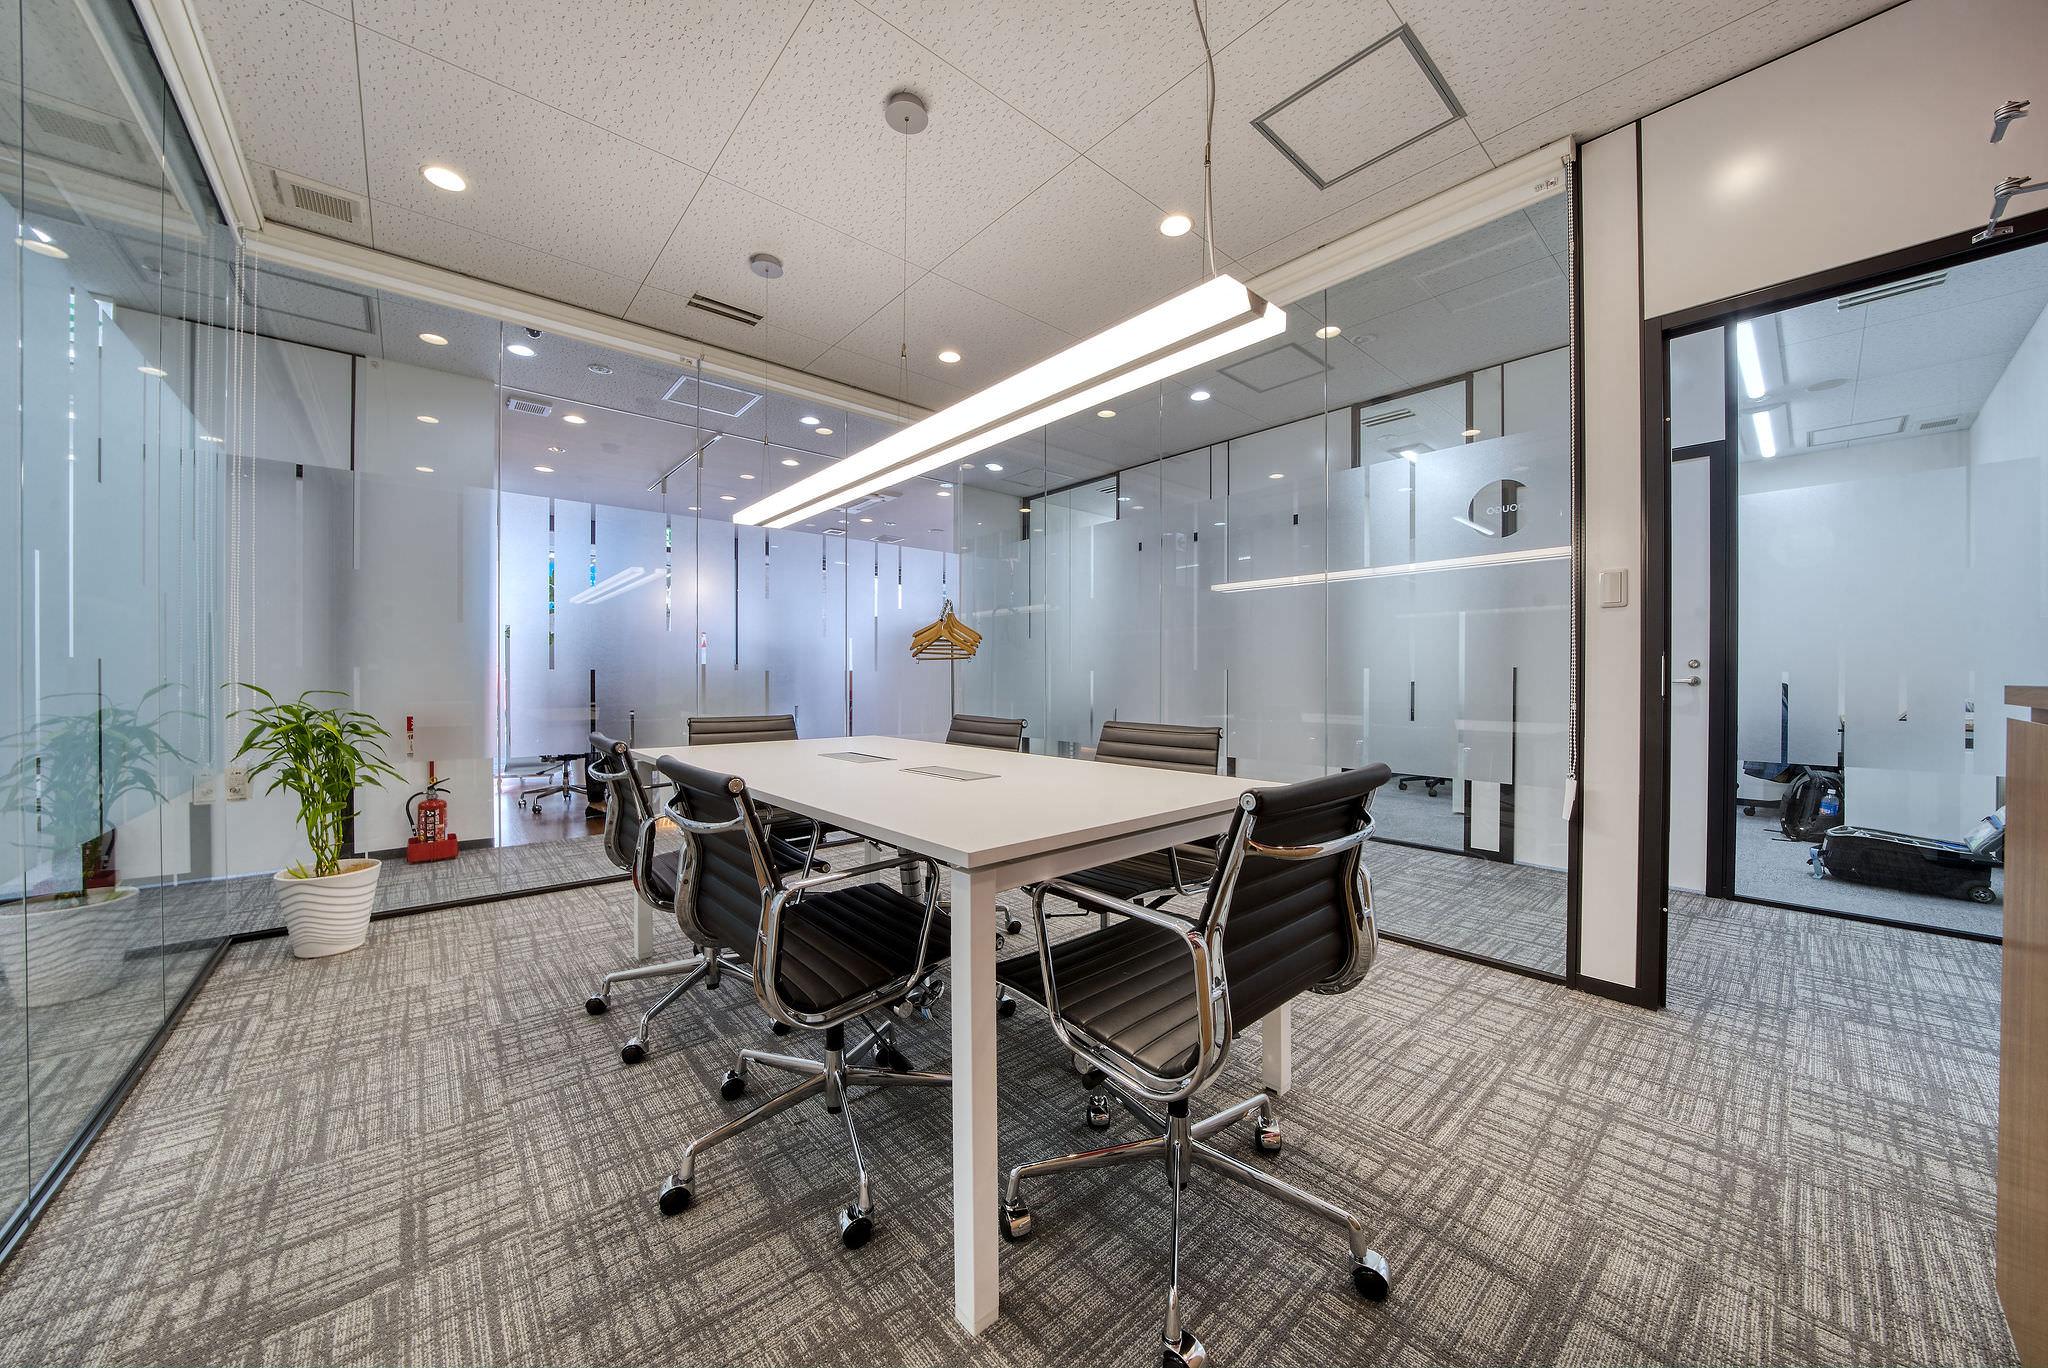 レンタルオフィス「リージャス松山市駅前ビジネスセンター」の会議室